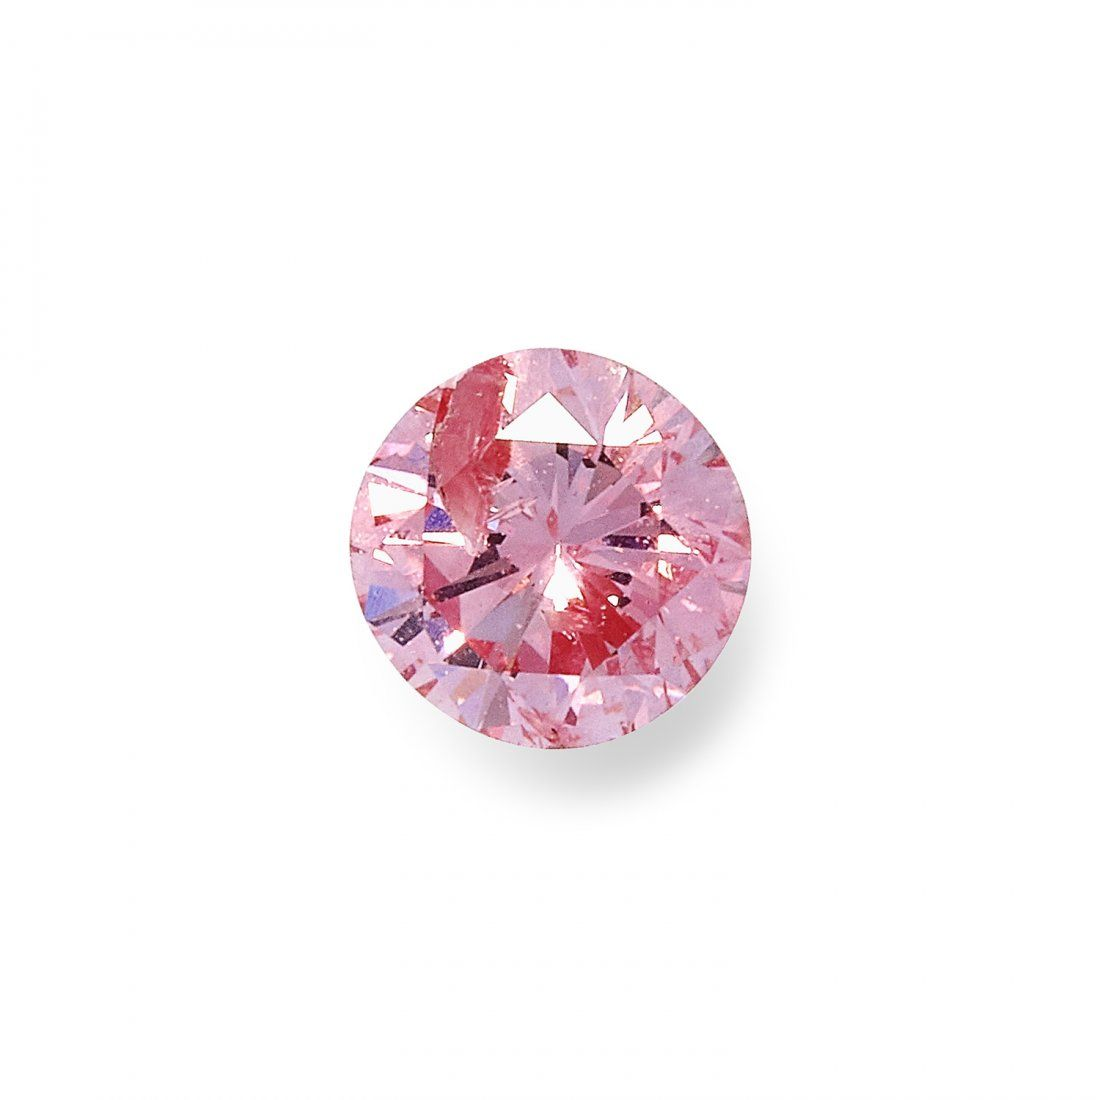 A 0.21 CARAT FANCY INTENSE PURPLISH PINK DIAMOND RING